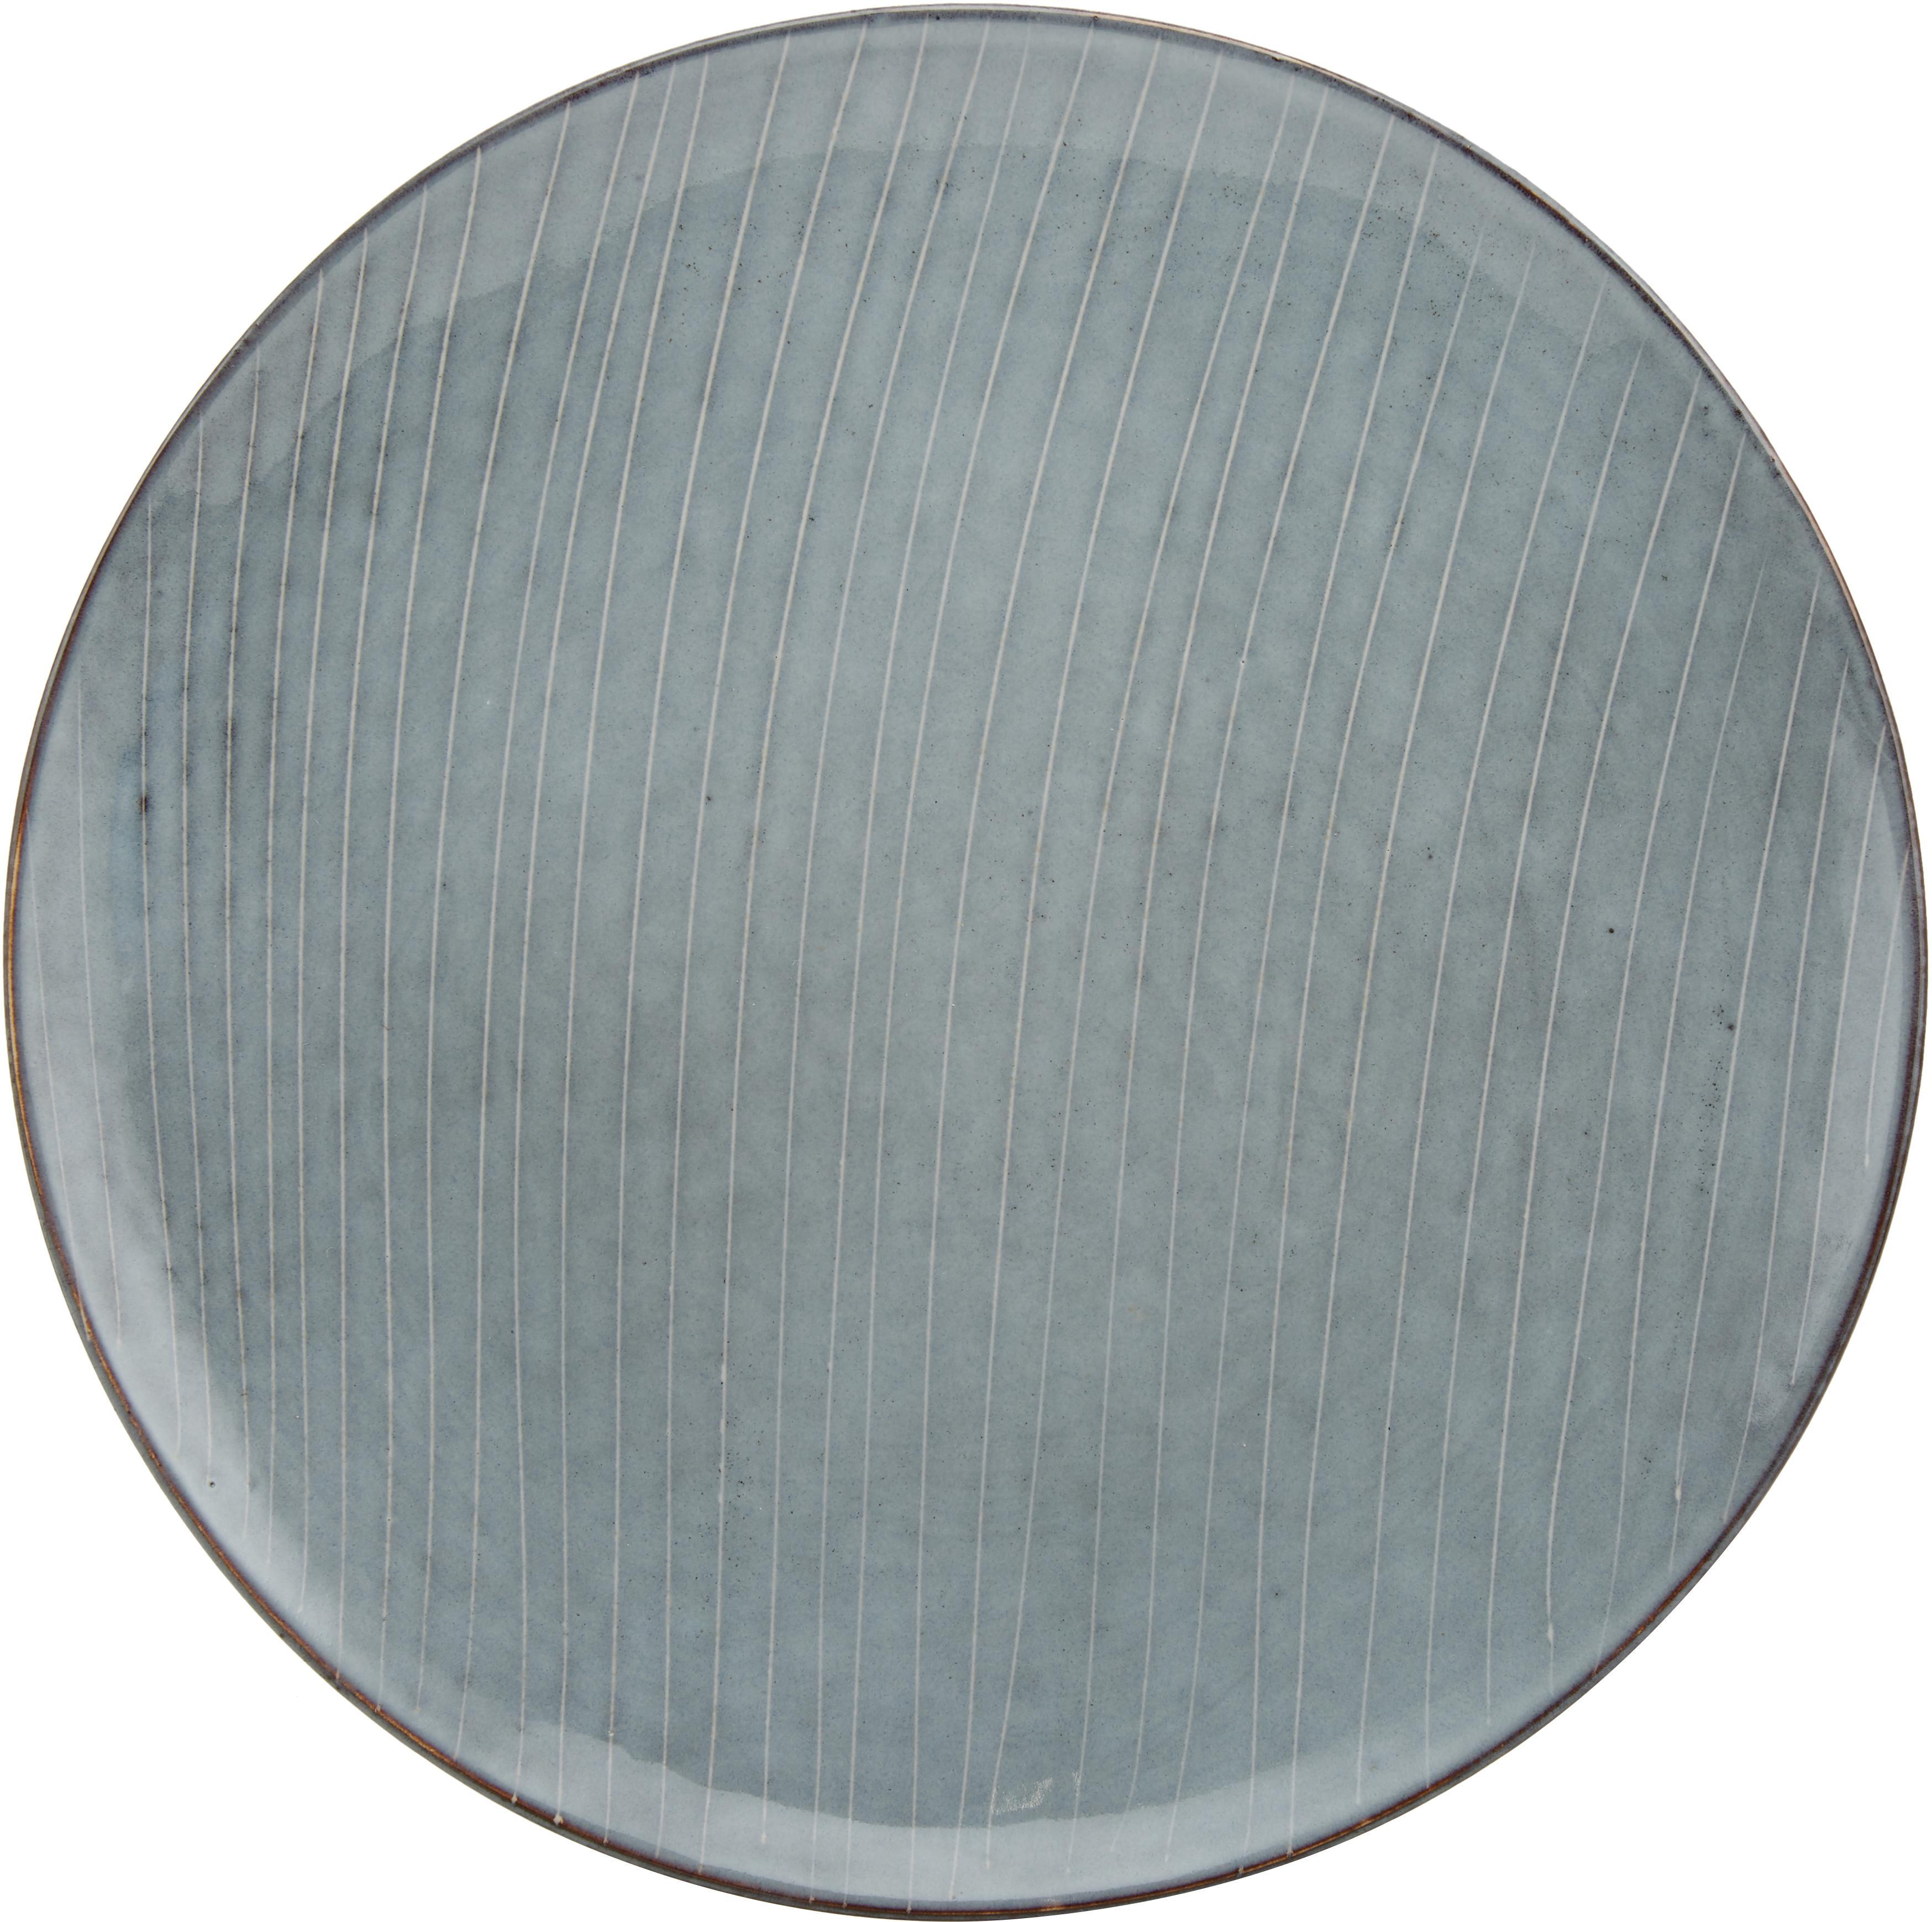 Ręcznie wykonany talerz duży z kamionki  Nordic Sea, 4 szt., Kamionka, Szary i odcienie niebieskiego, Ø 26 cm